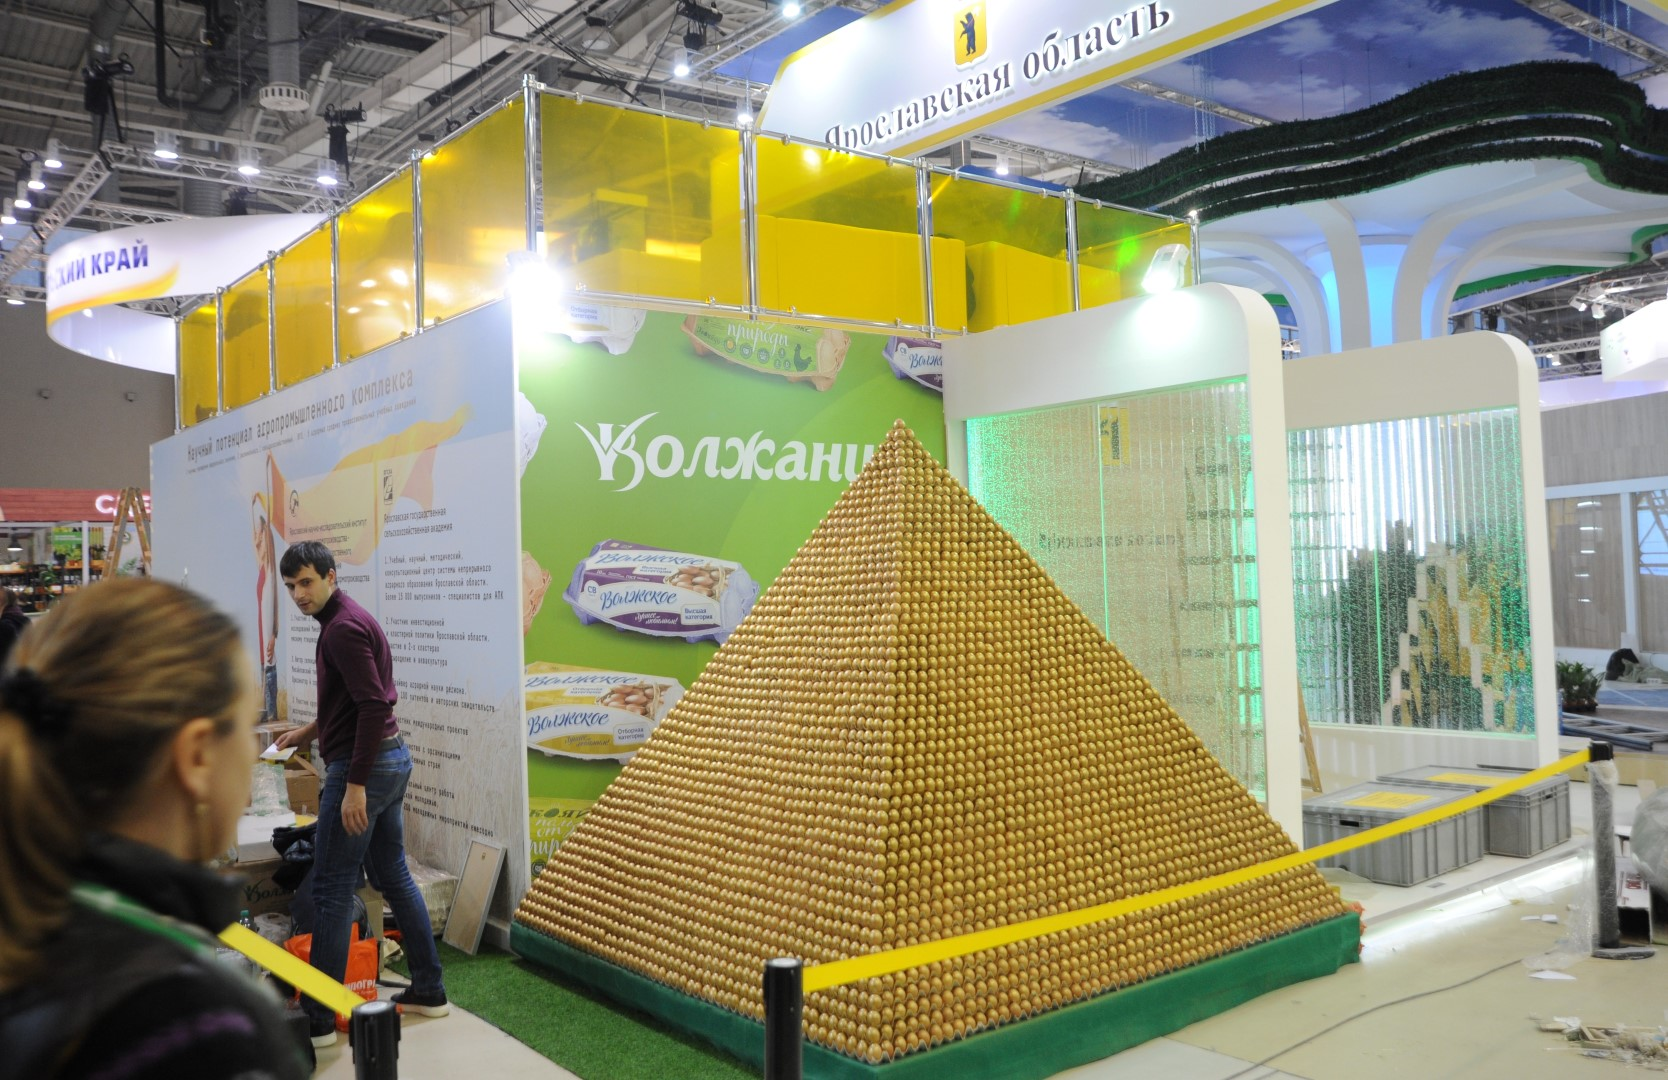 Рыбинская птицефабрика построила пирамиду из яиц и побила рекорд книги Гиннесса